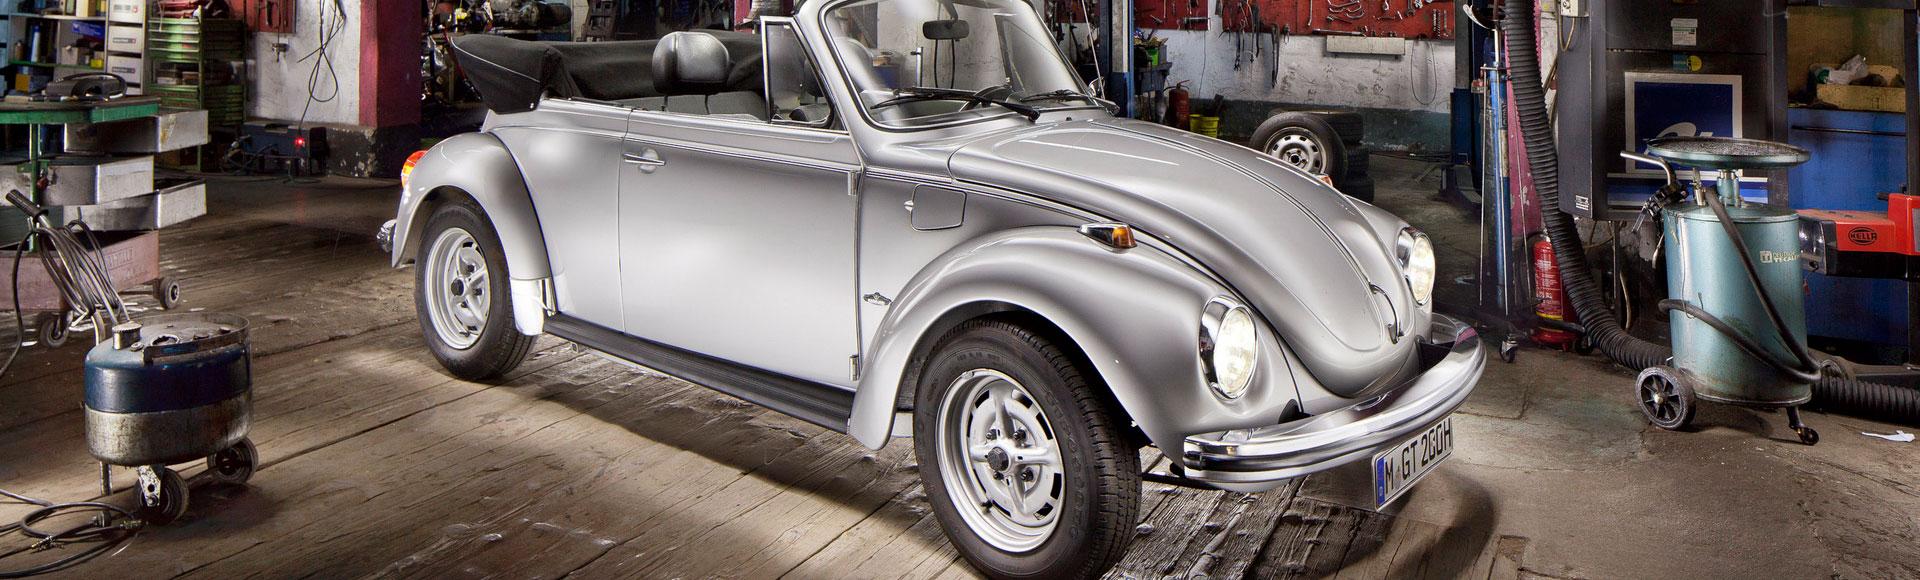 VW Kaefer Preisausschreiben X Leasing Dr Goetz Tacke